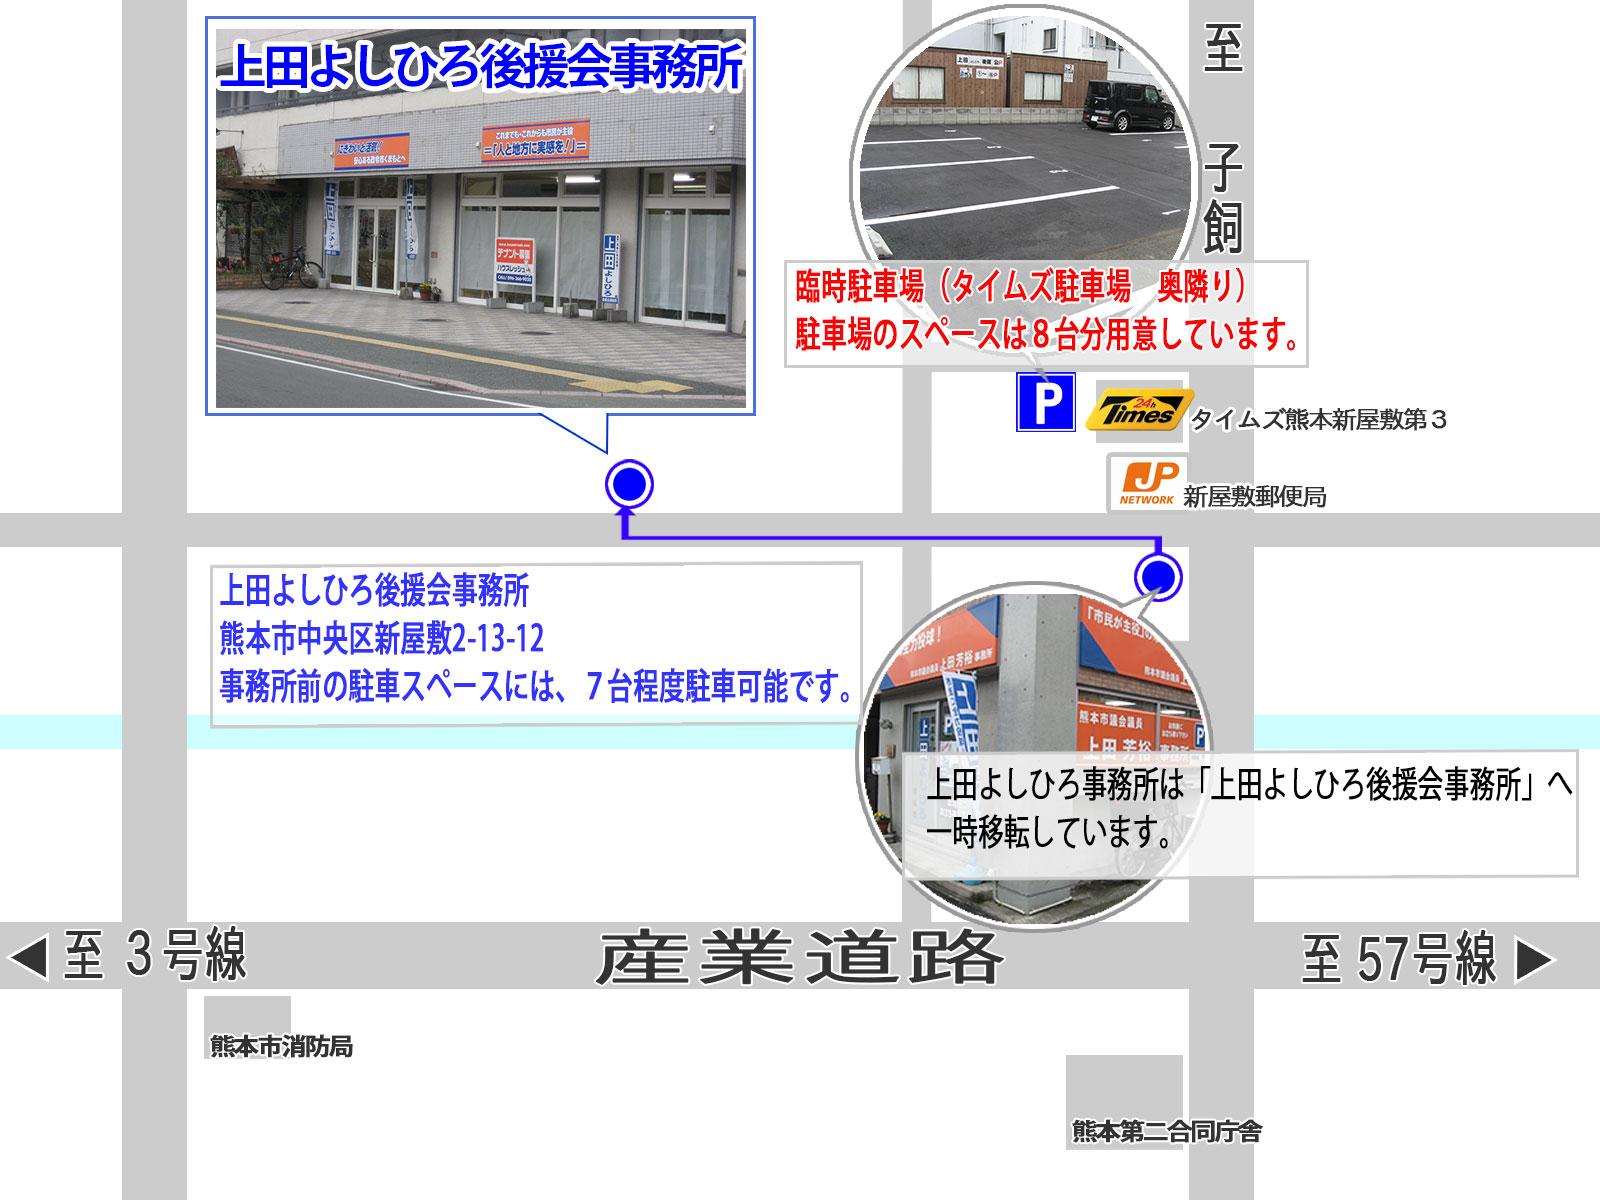 熊本市議会議員 上田芳裕 上田芳裕後援会事務所